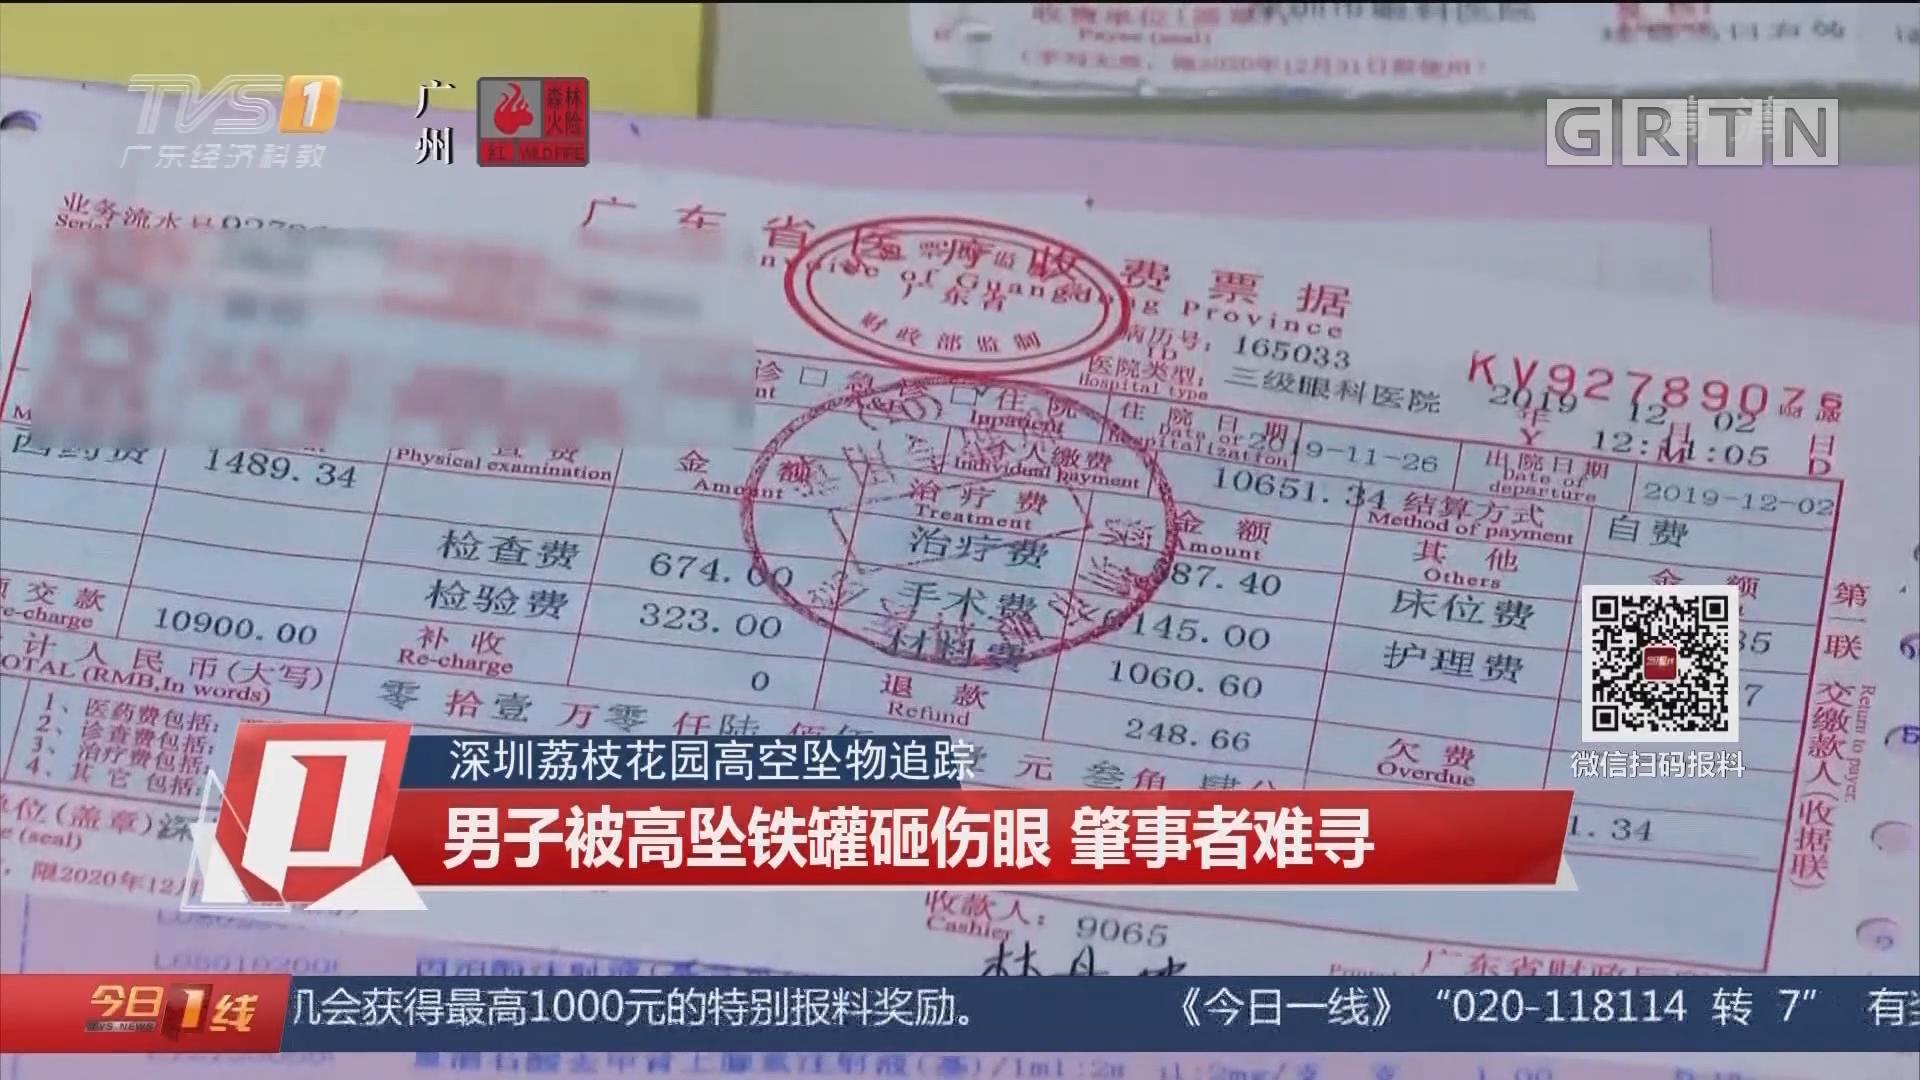 深圳荔枝花园高空坠物追踪:男子被高坠铁罐砸伤眼 肇事者难寻